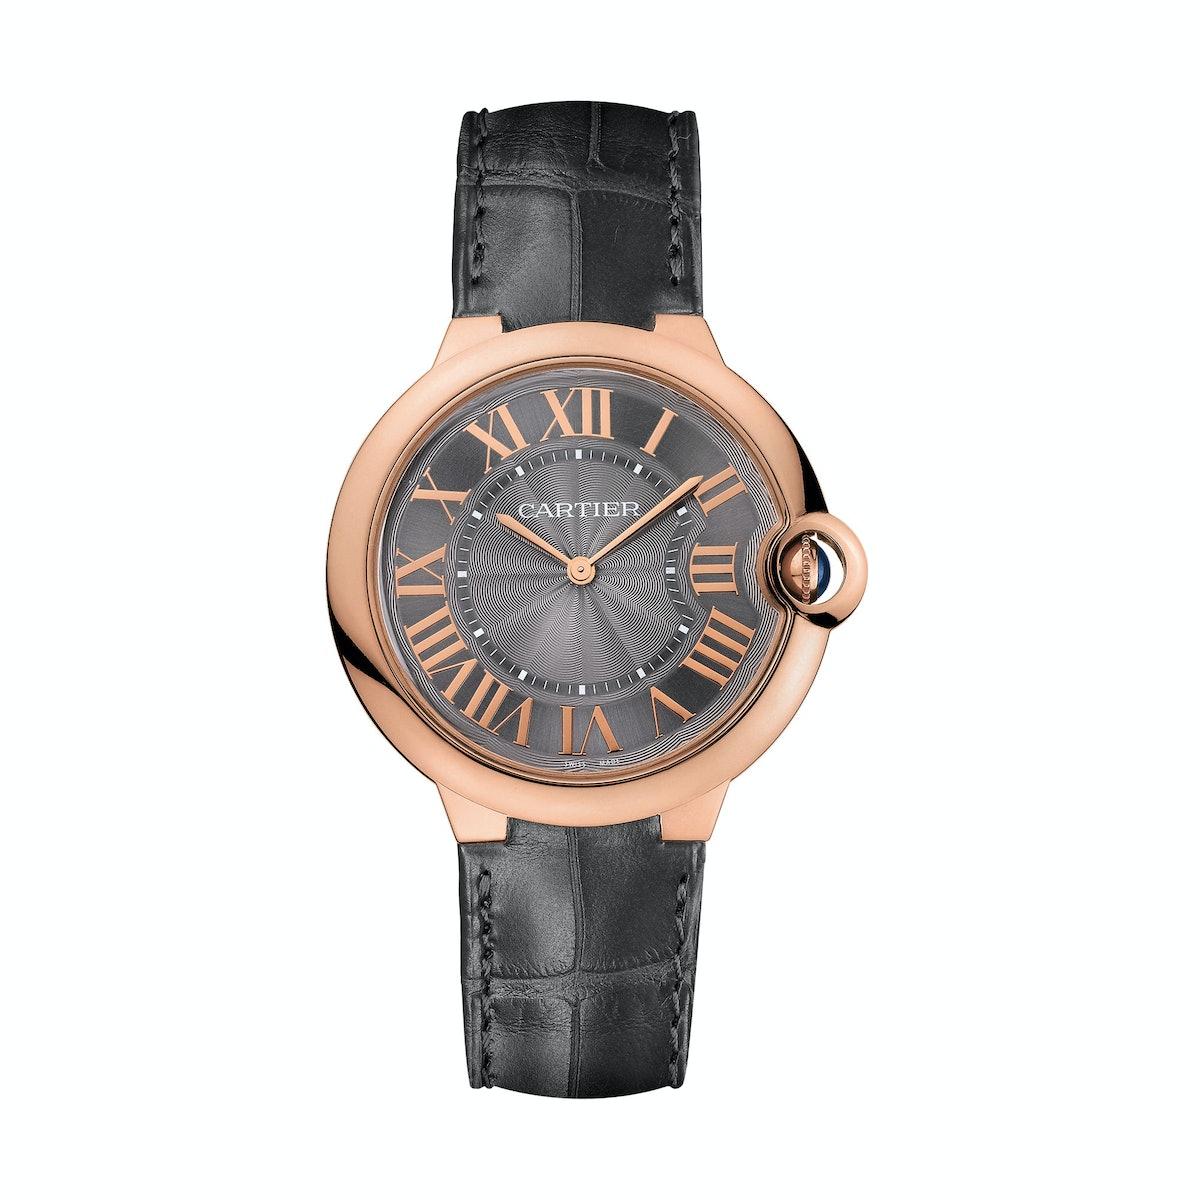 Cartier 18k rose gold watch